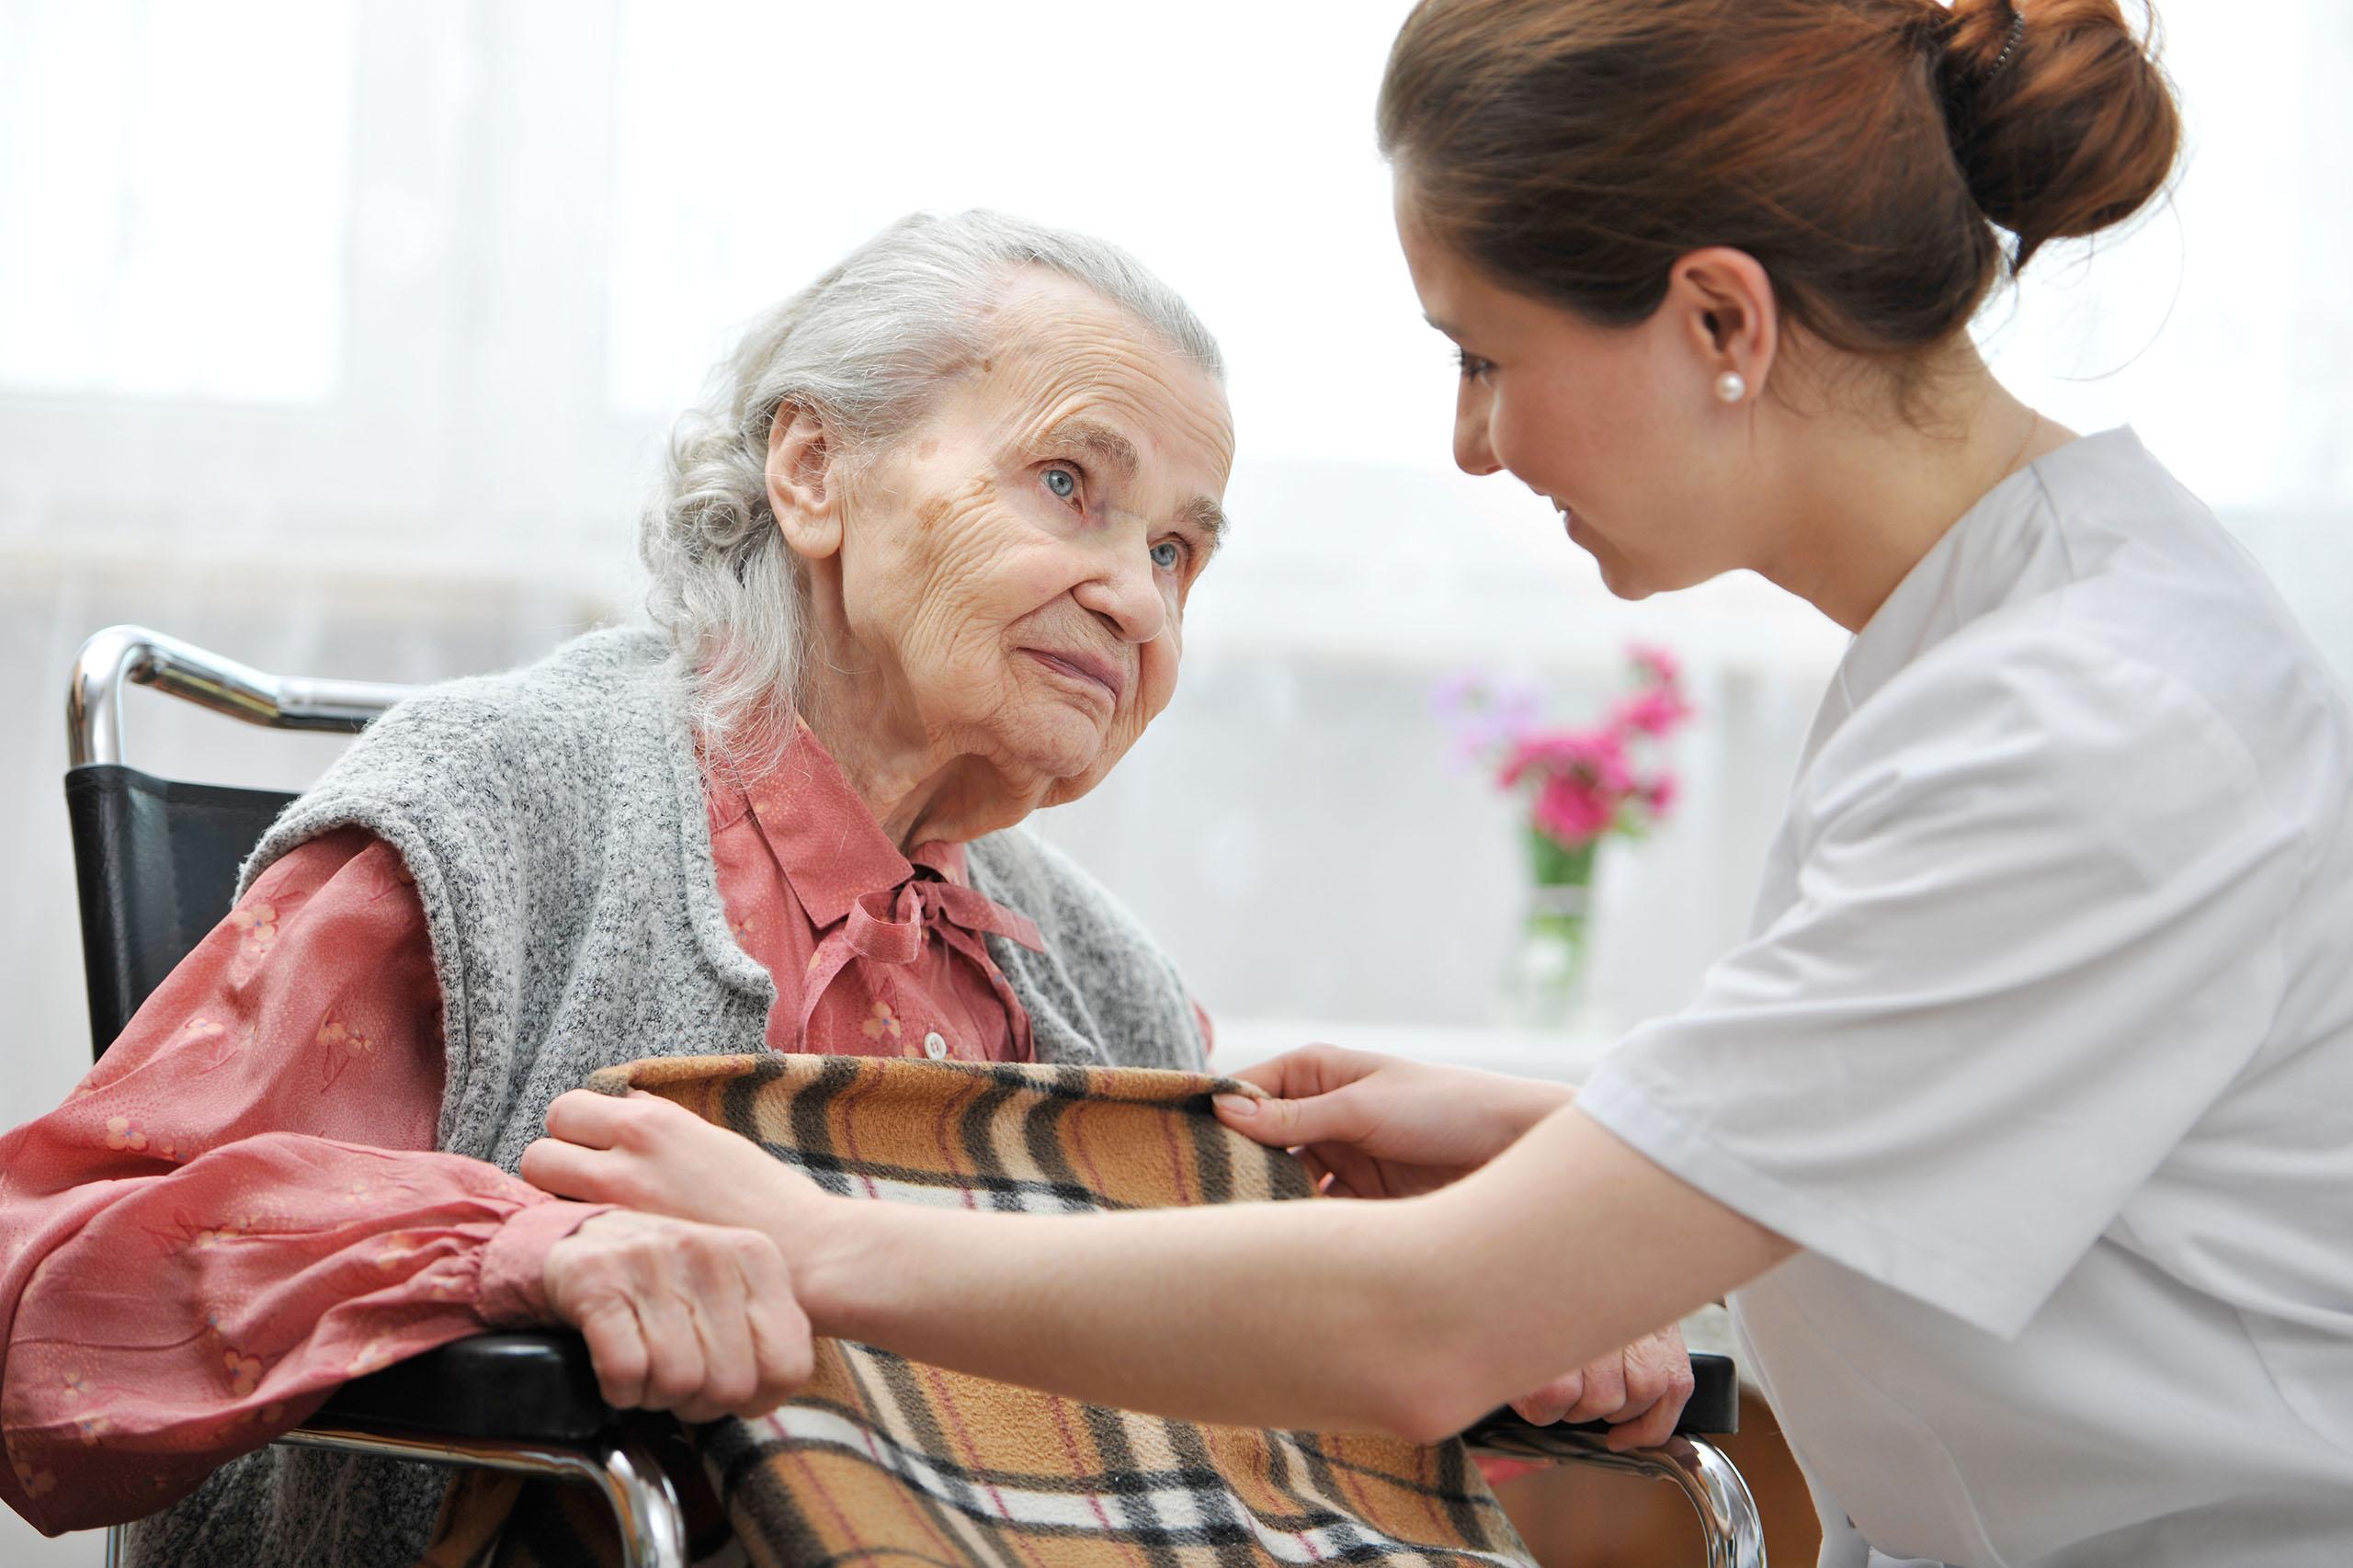 Картинки или фото с пожилыми людьми трактовкам восточных